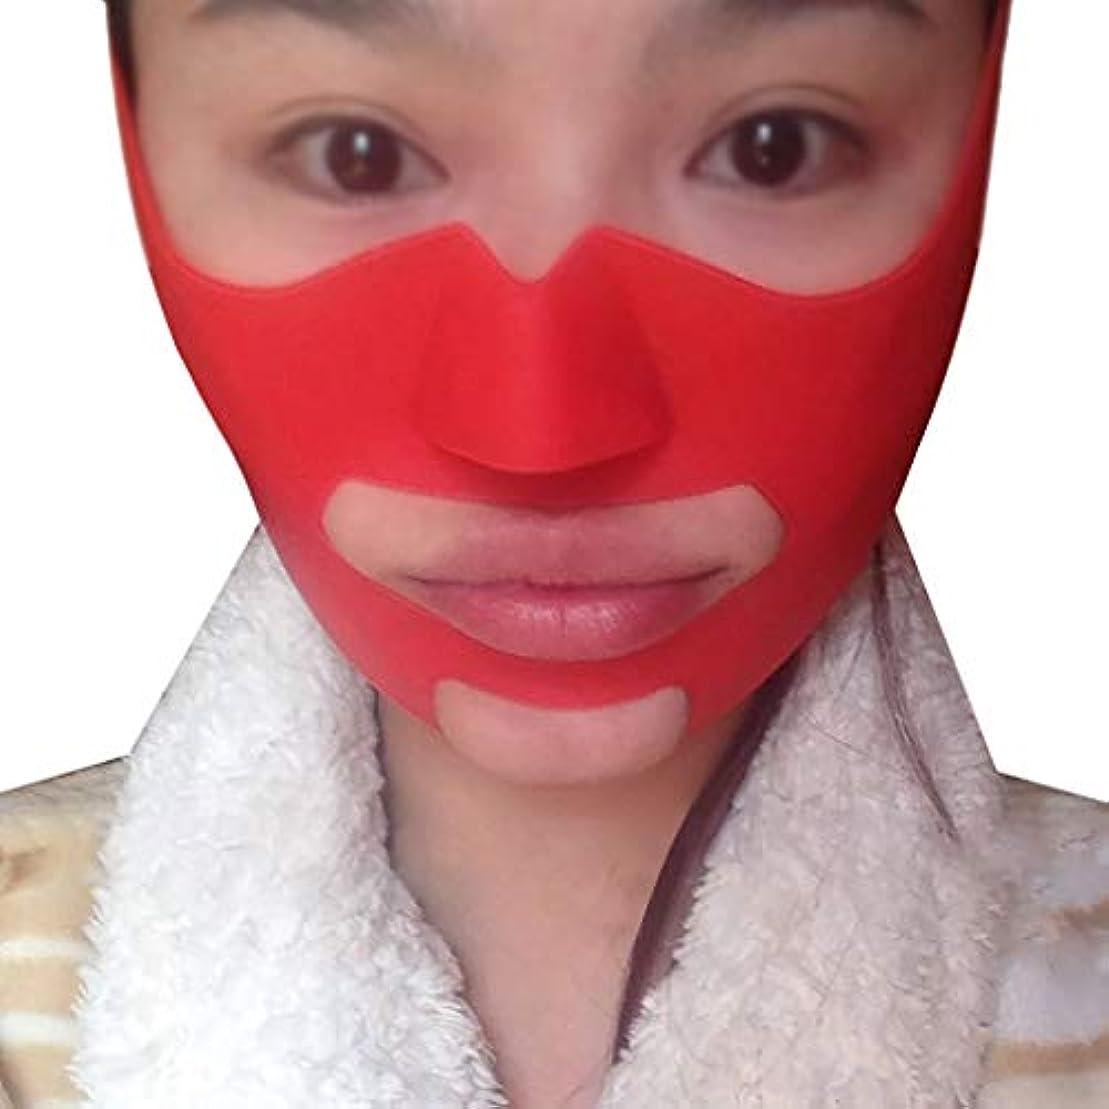 シャイエクステント従者TLMY 薄いフェイスマスクシリコーンVマスクマスク強い痩身咬合筋肉トレーナーアップル筋肉法令パターンアーティファクト小さなVフェイス包帯薄いフェイスネックリフト 顔用整形マスク